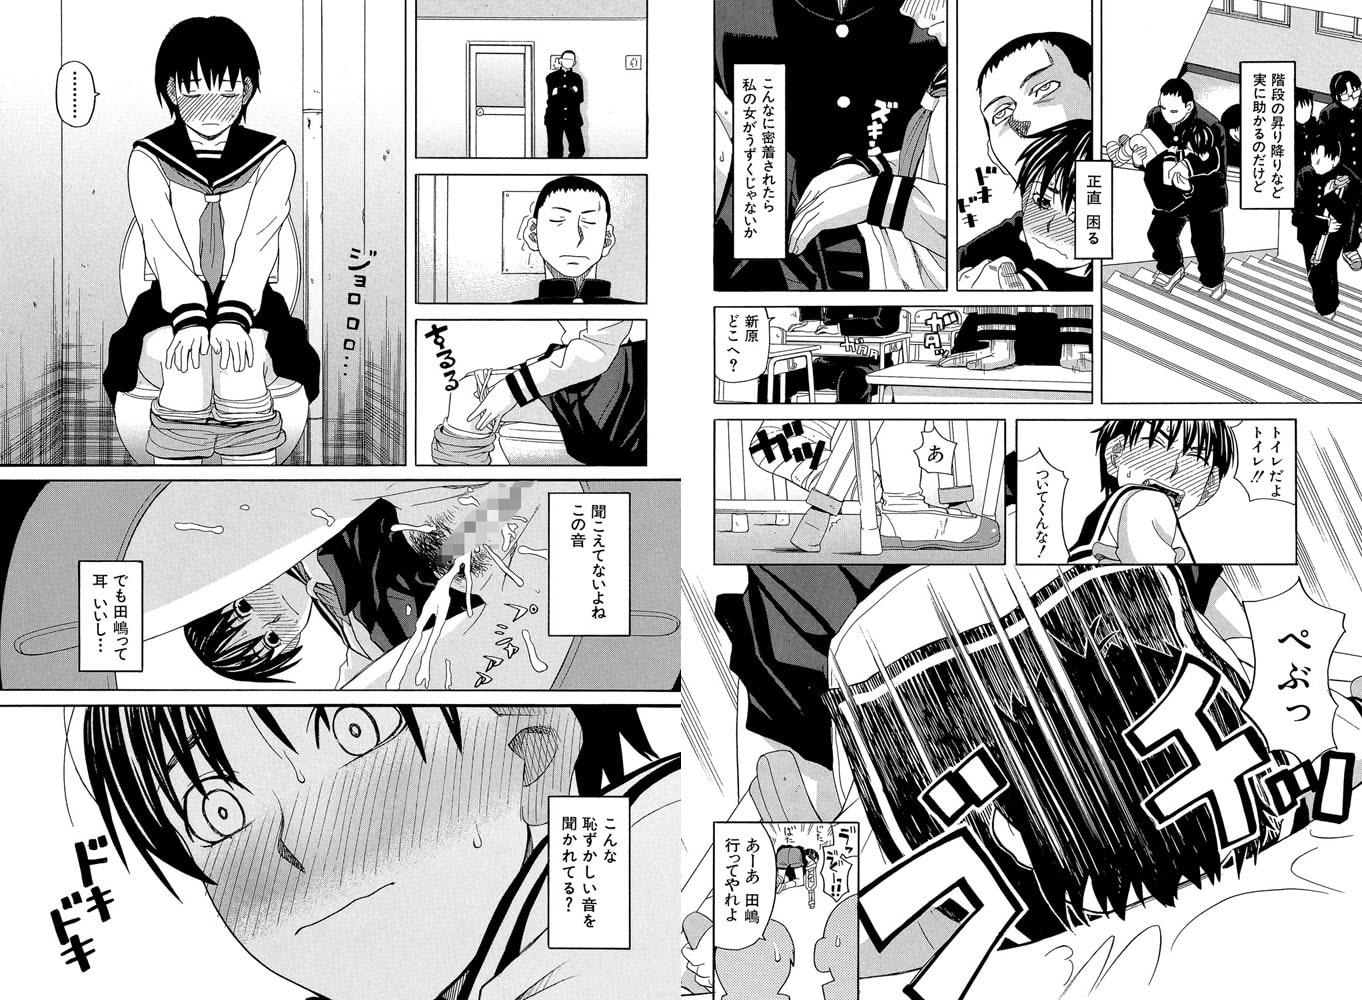 【ティーアイネット】ZUKI樹先生 2冊パック(202005)